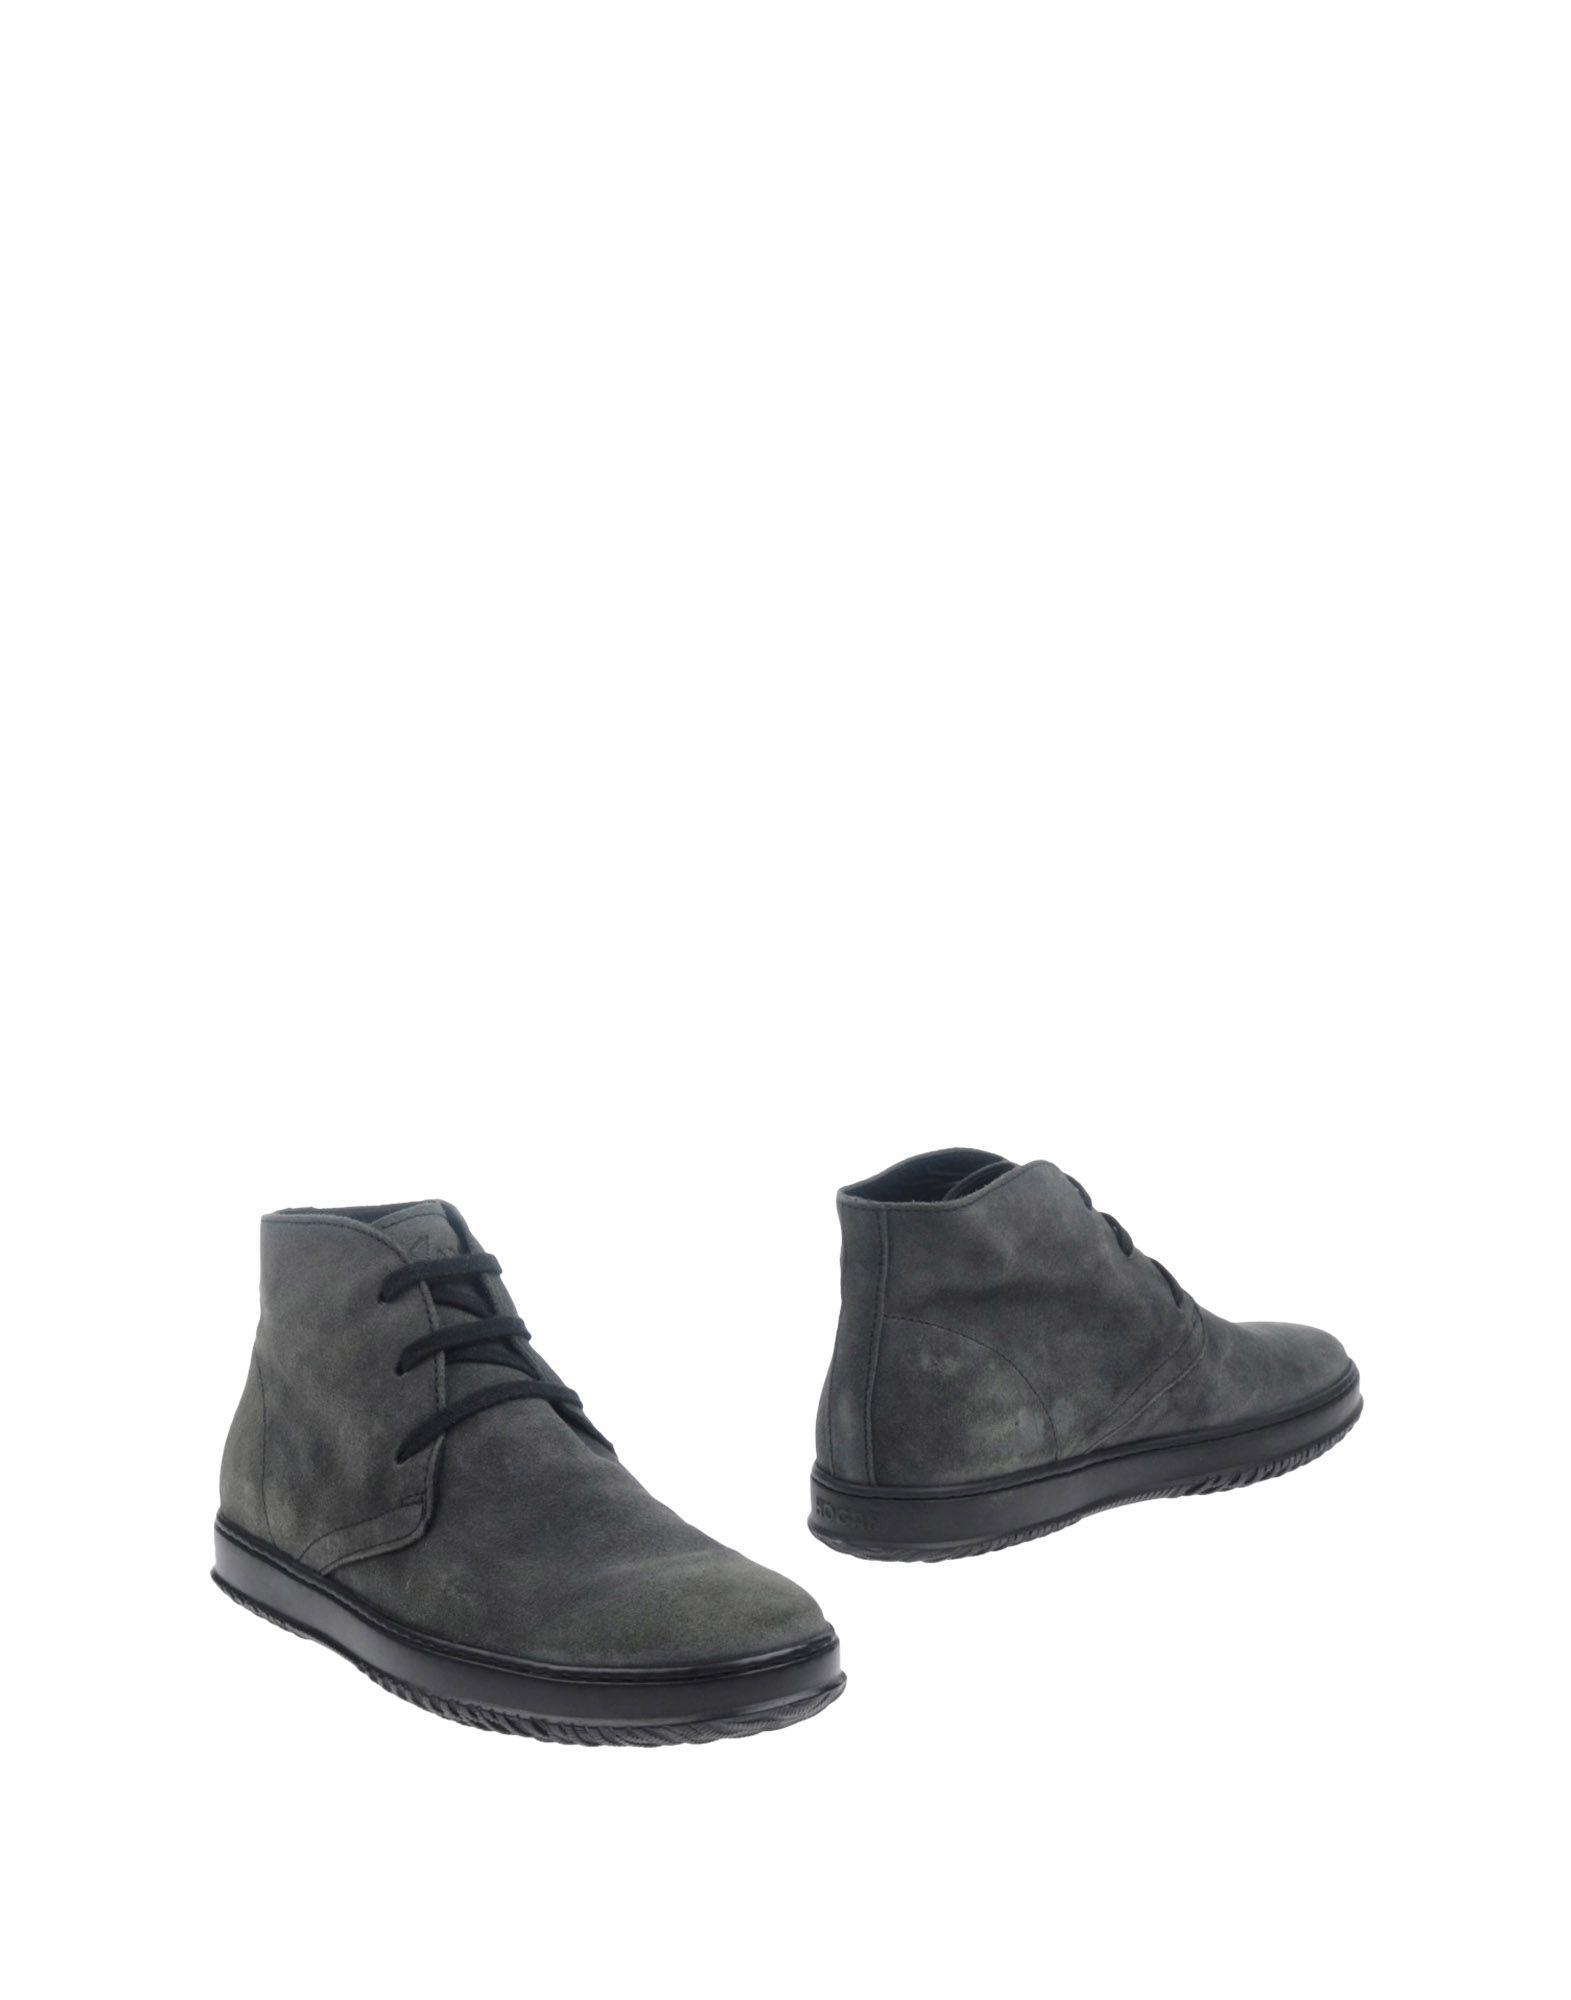 Hogan Stiefelette Herren  11289860LD Gute Qualität beliebte Schuhe